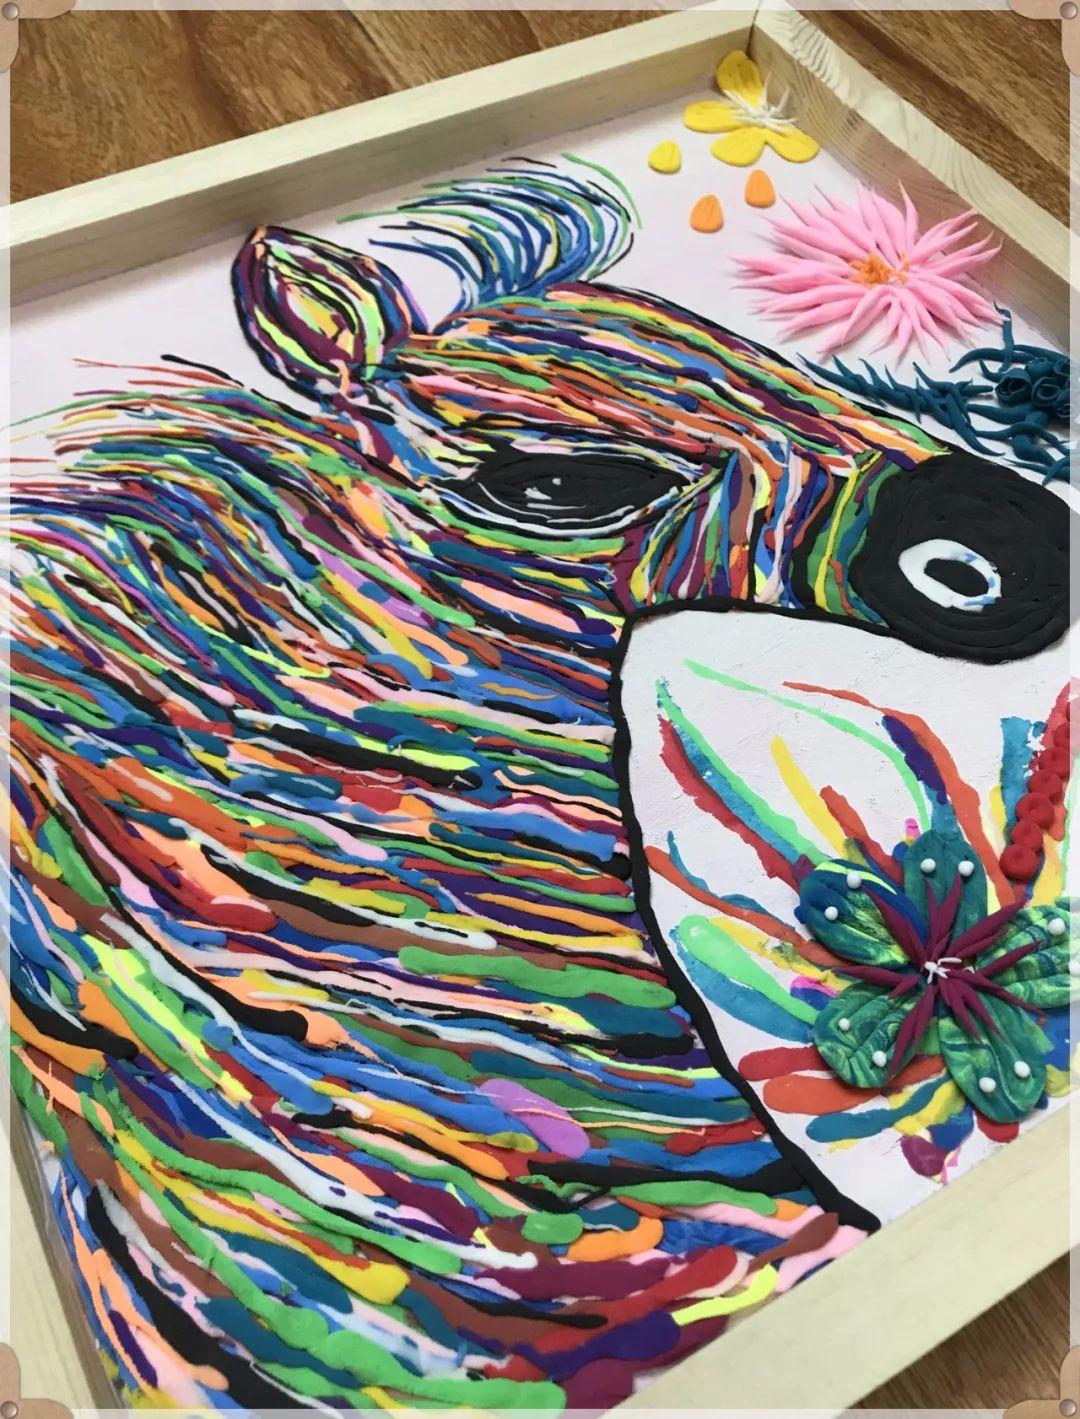 手工艺术分享 穿上彩虹的斑马 第十四届大赛获奖作品展播